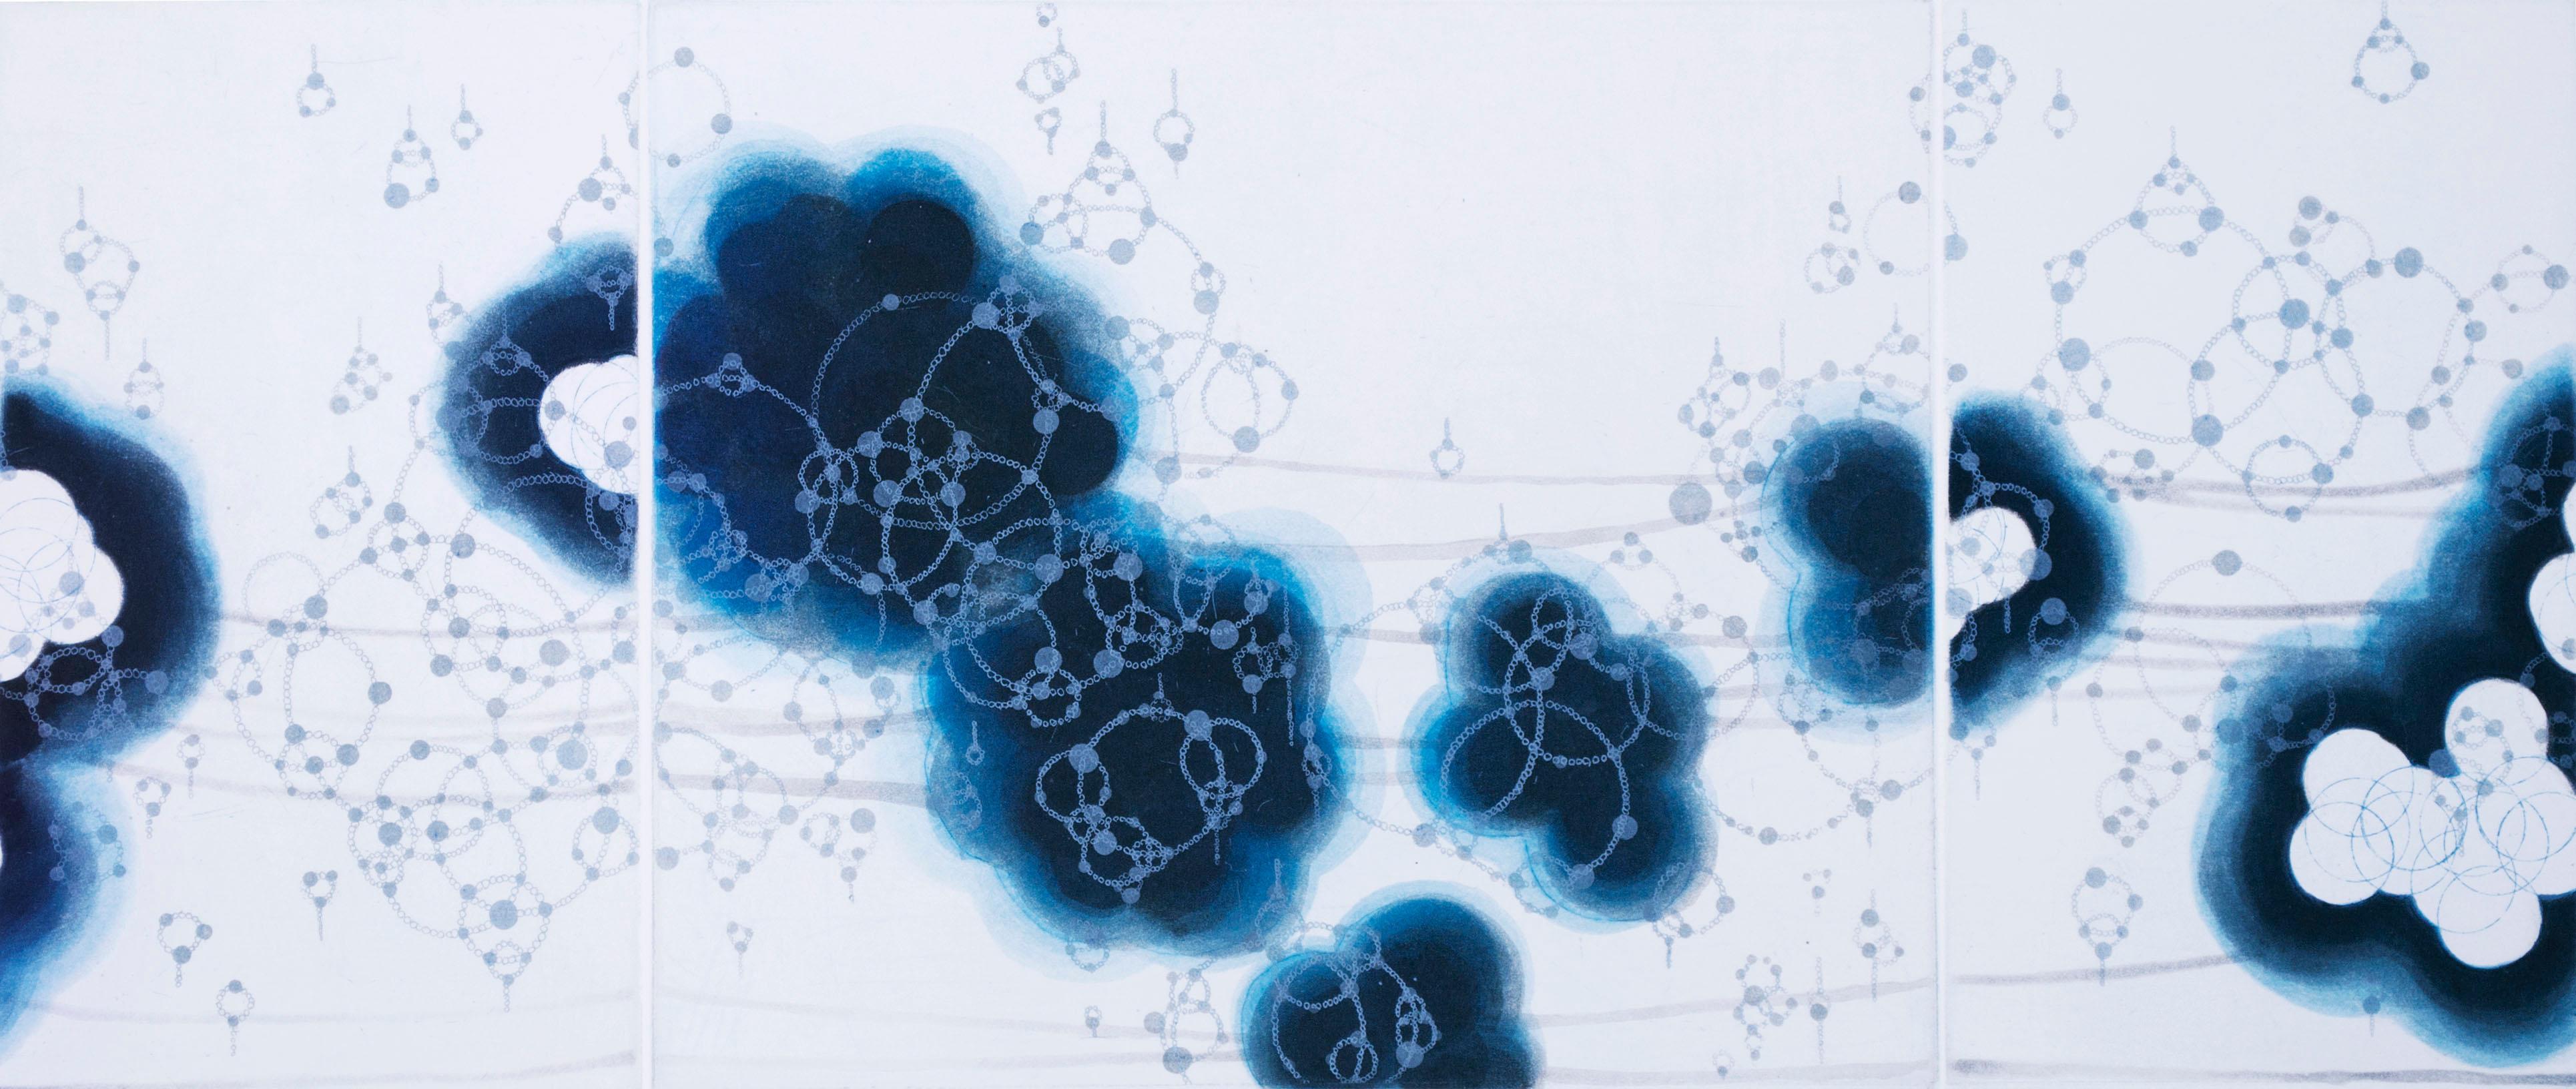 Origin-Blue Consonant-4